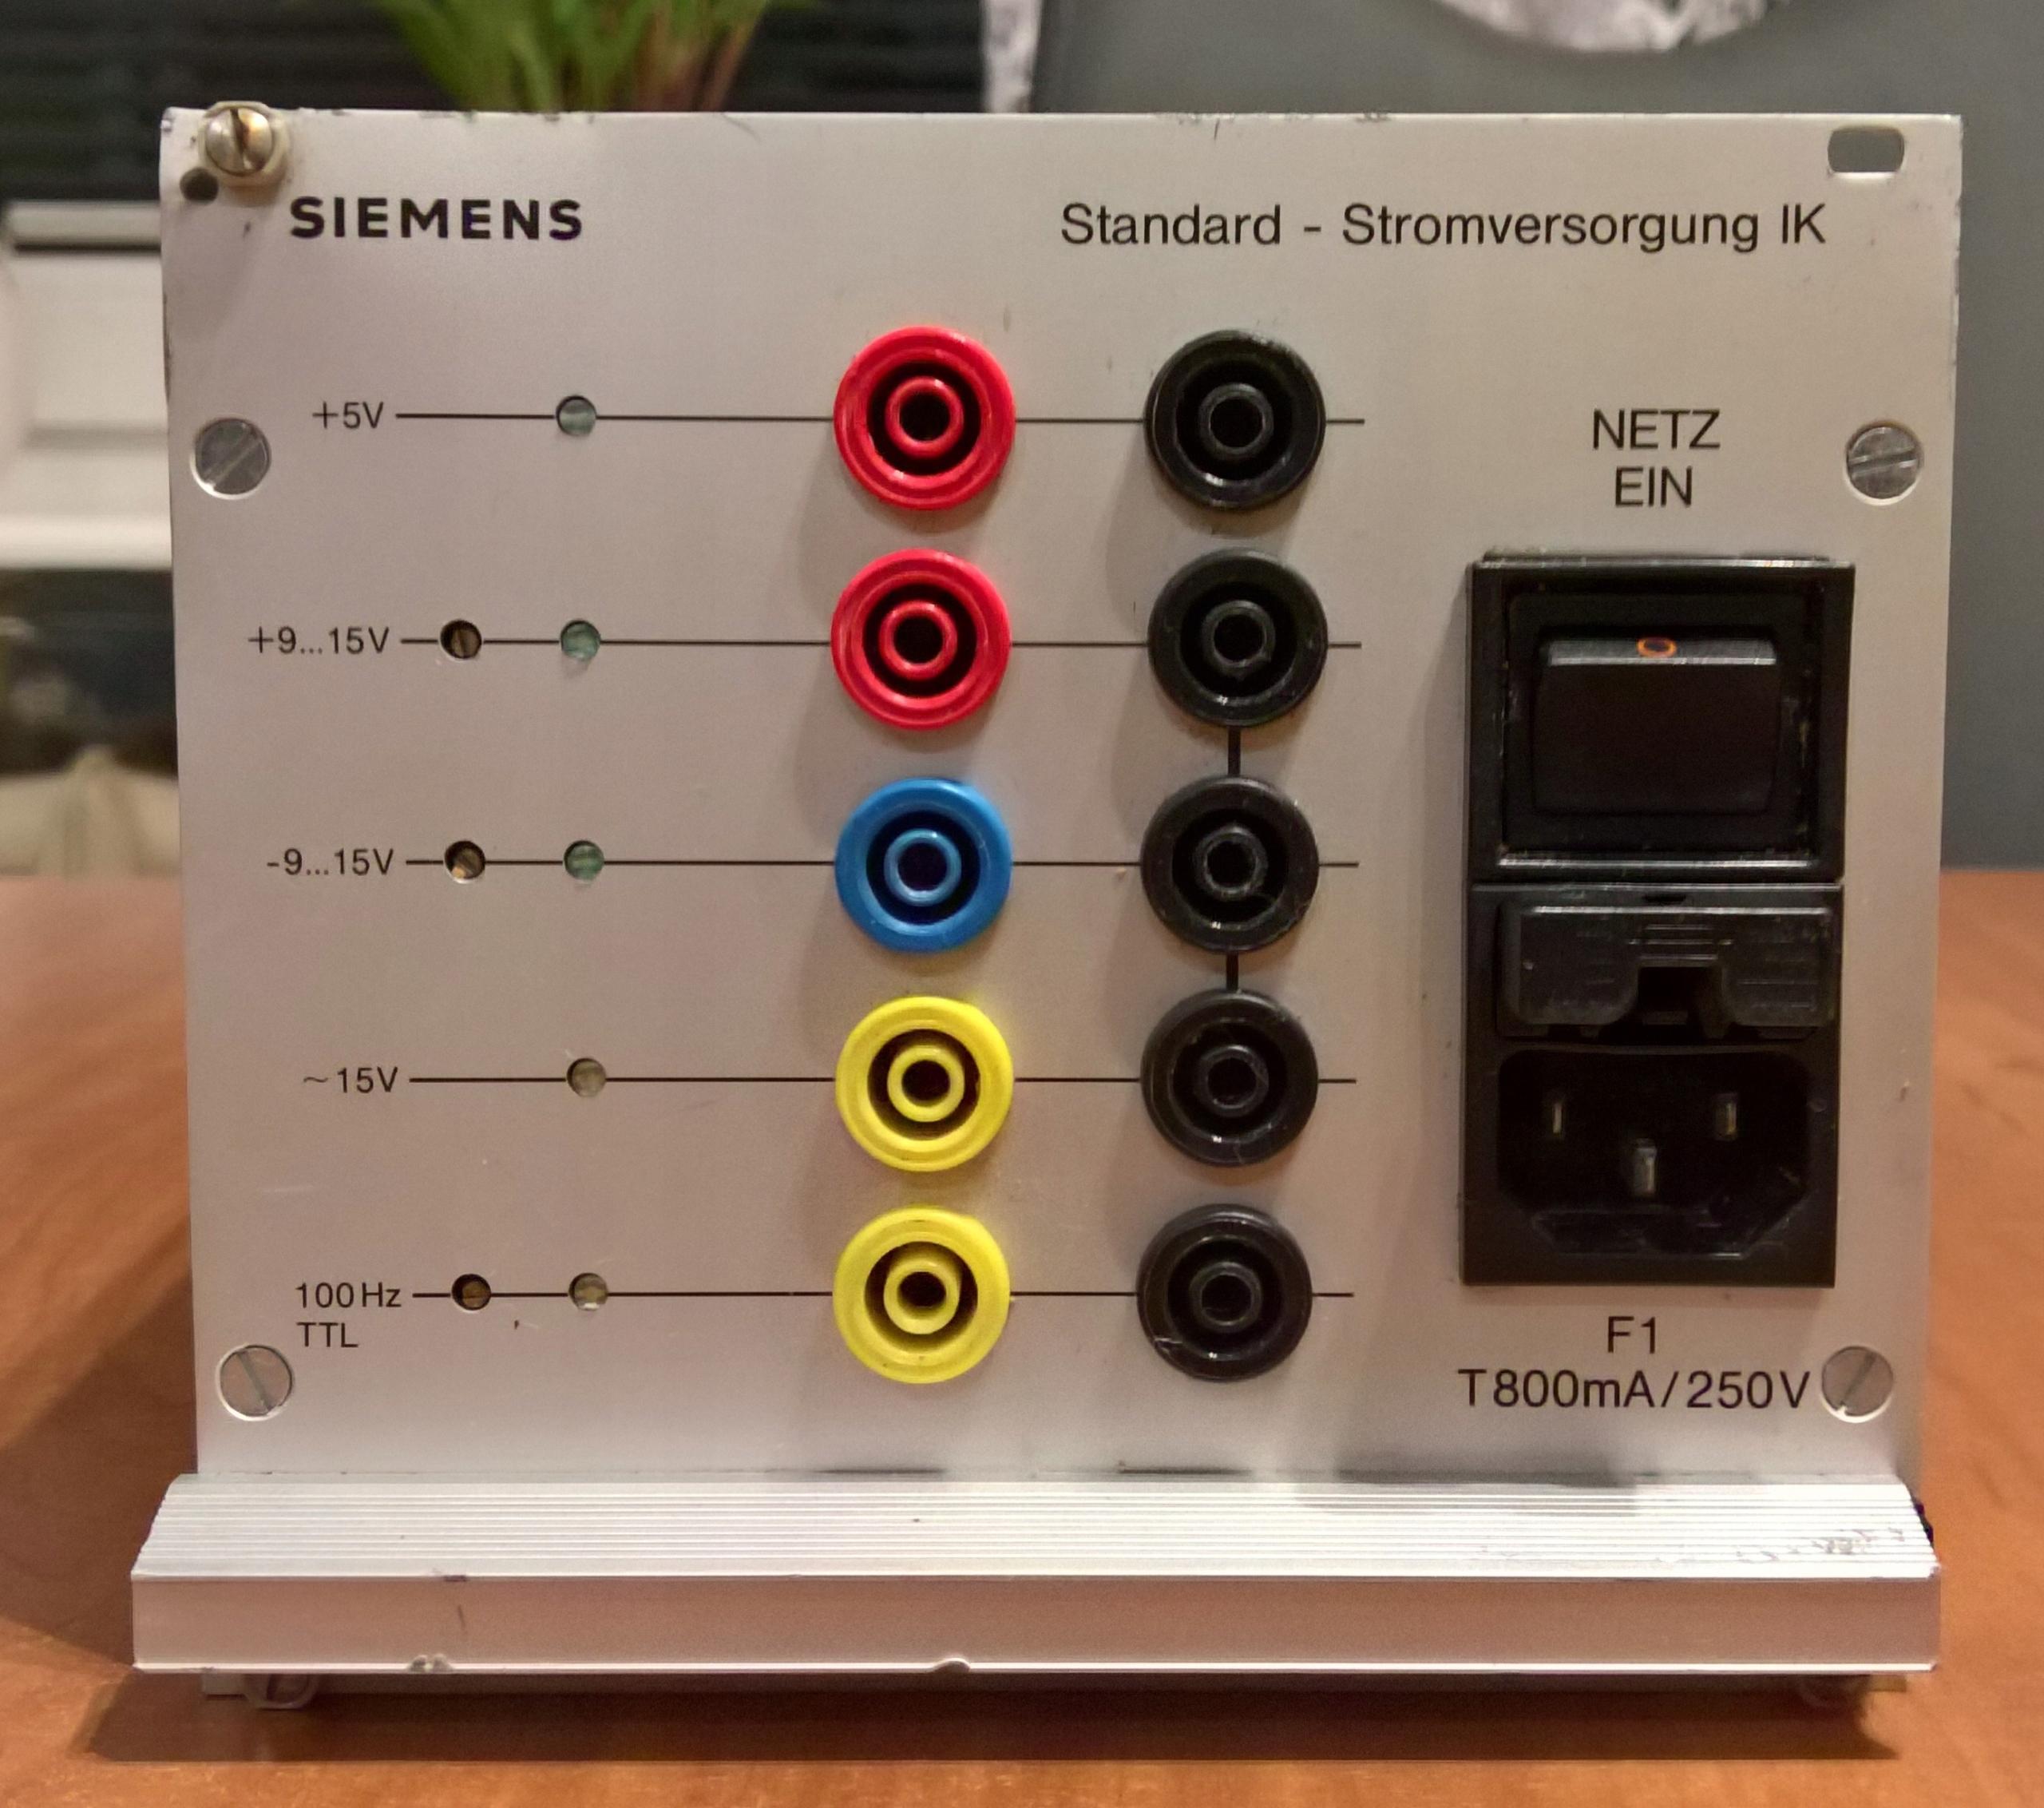 Zasilacz regulowany Siemens IK 9V 15V 100Hz TTL